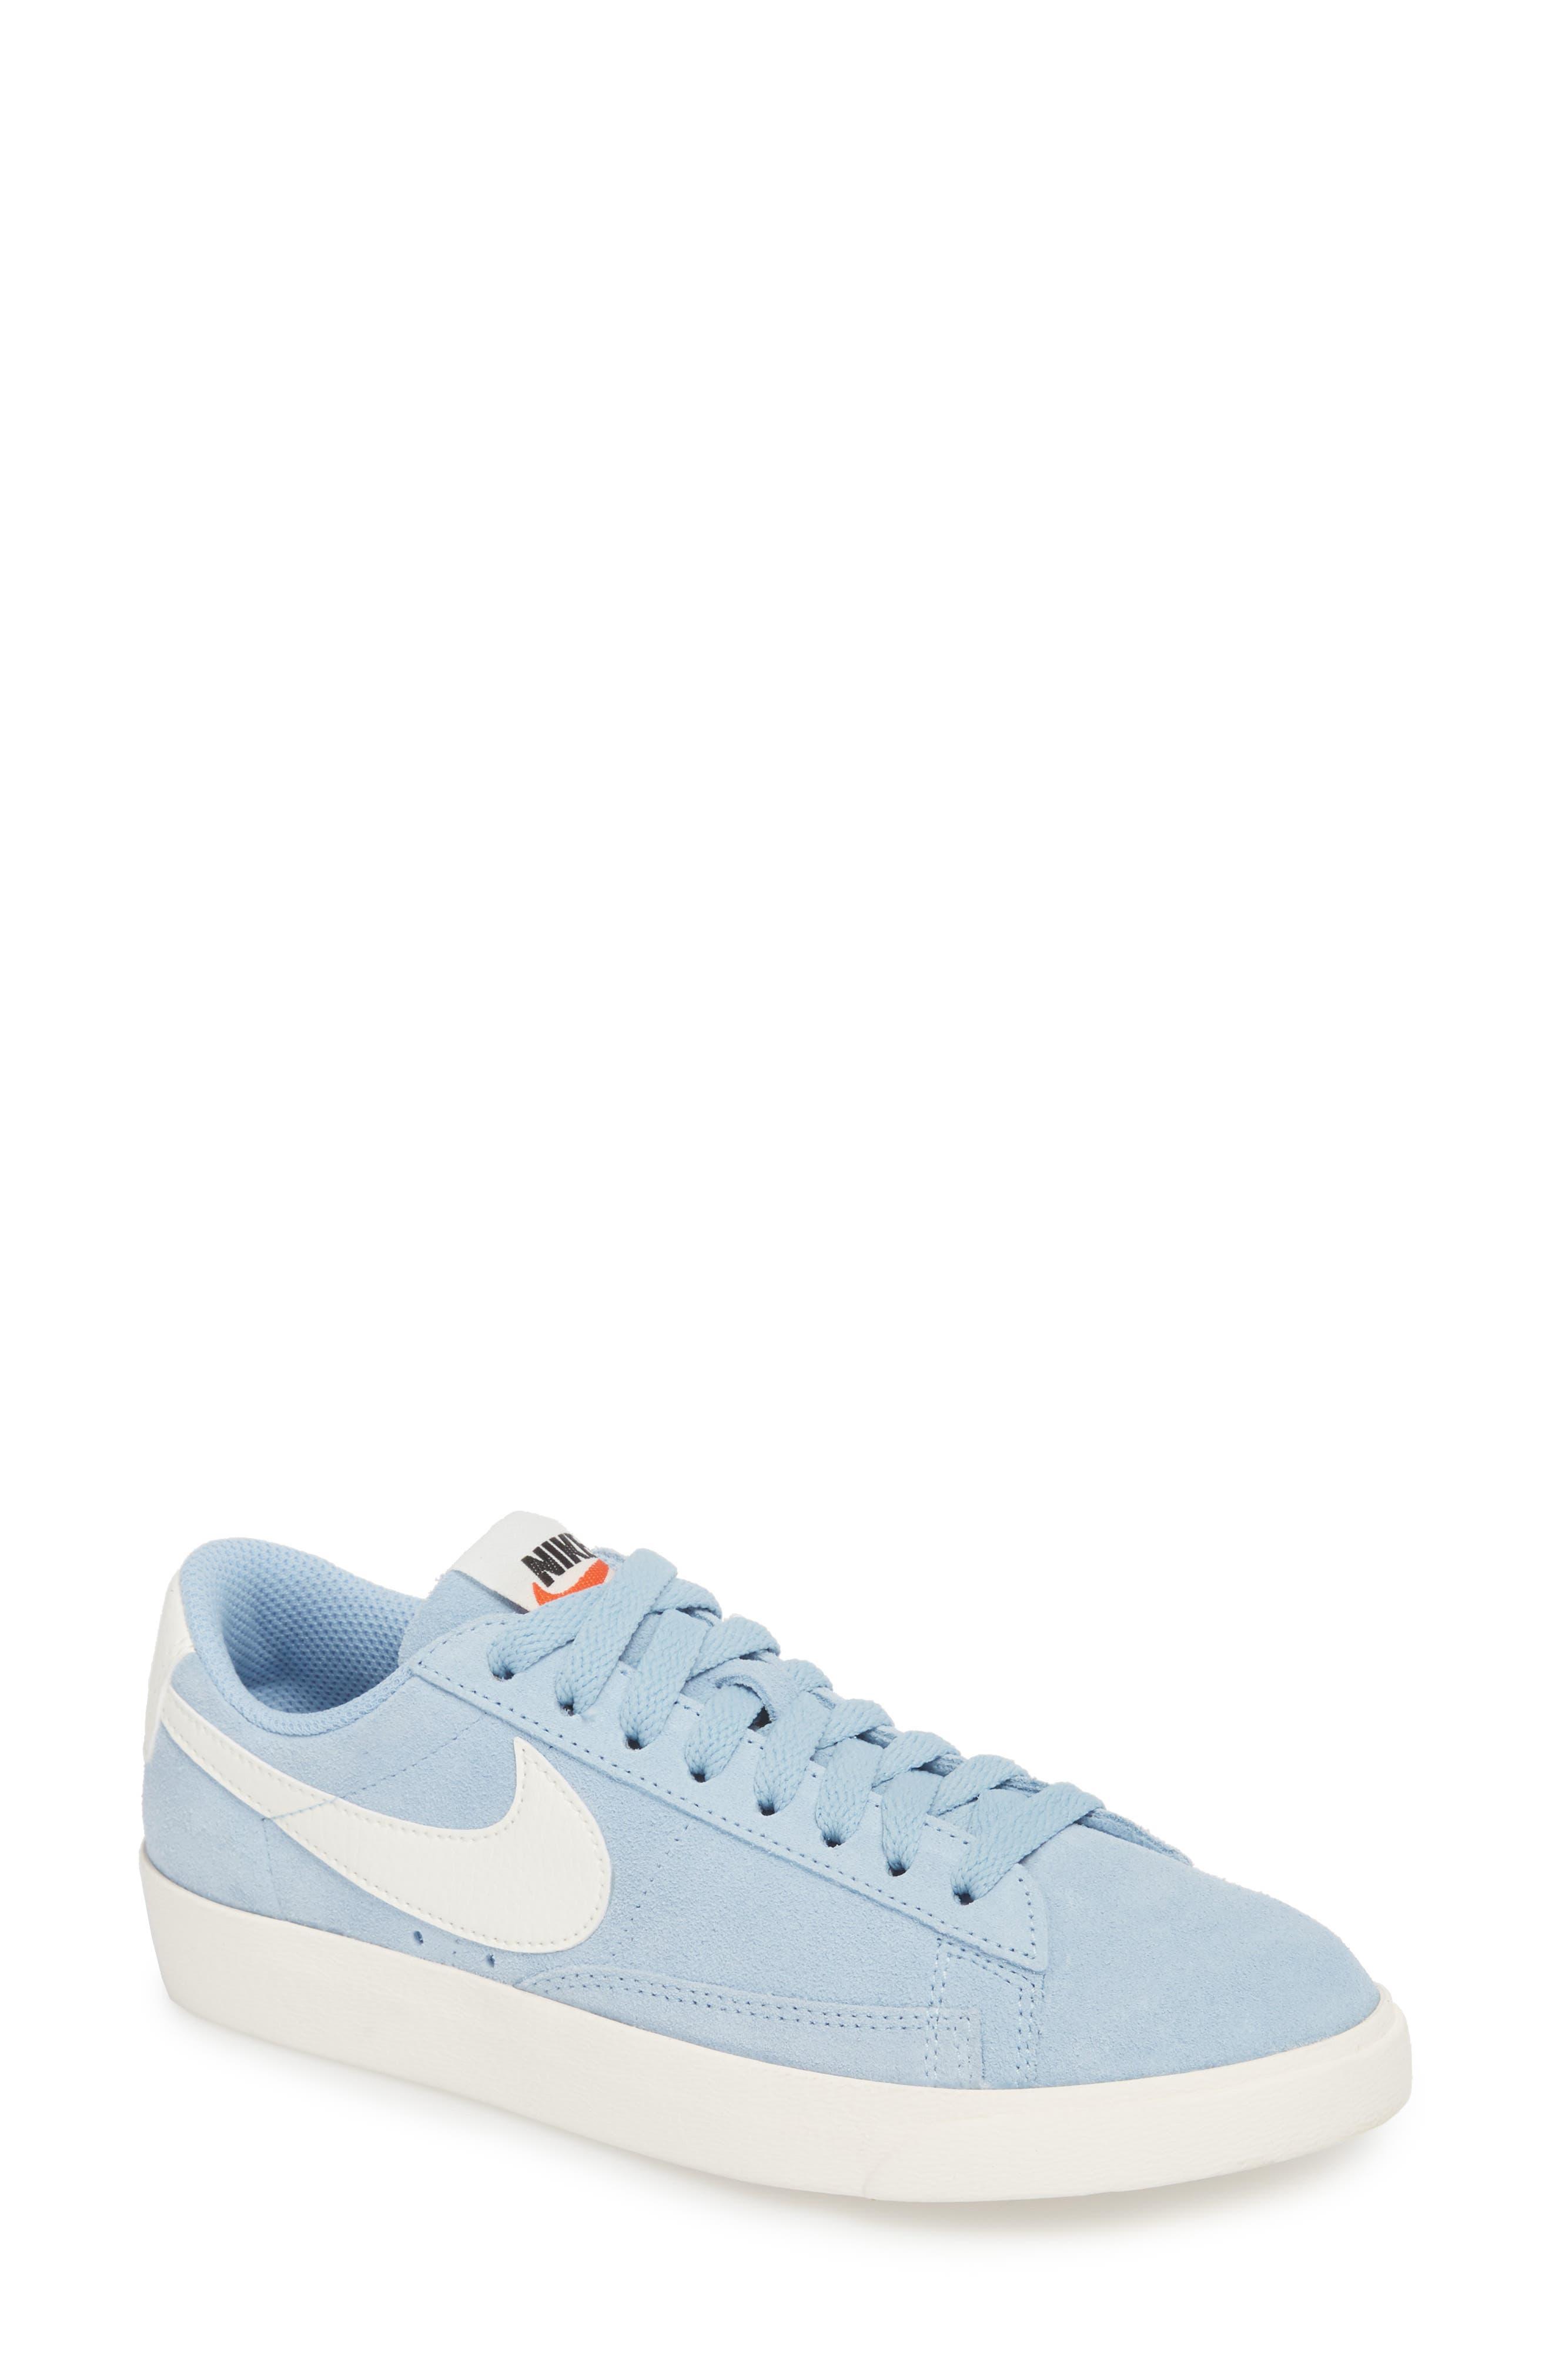 Main Image - Nike Blazer Low Sneaker (Women)